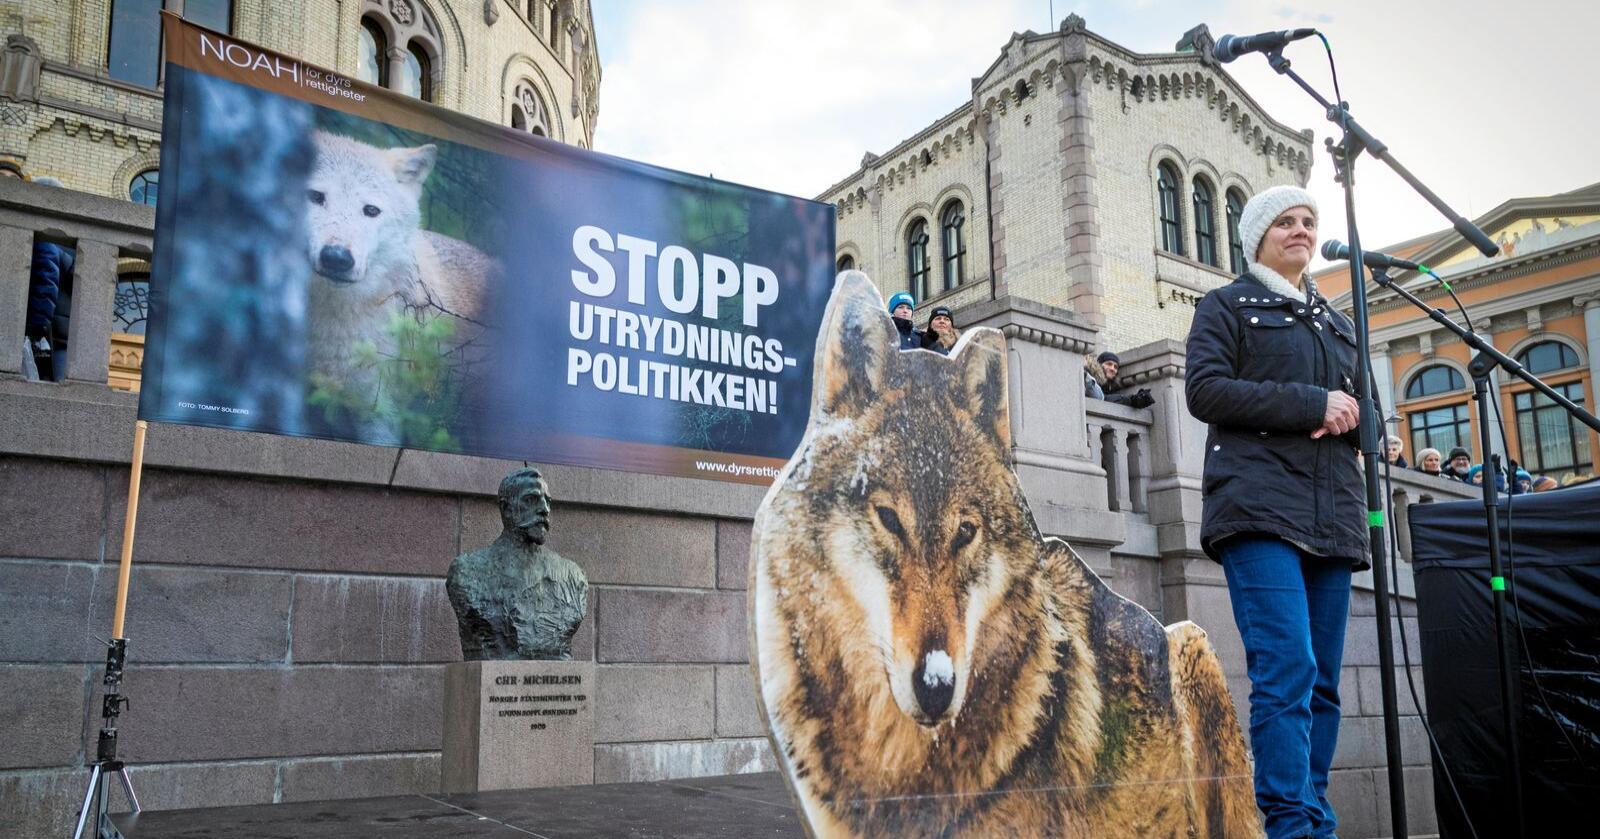 Demonstrasjon: Bak flere pappfigurer av ulv holder Noah-leder Siri Martinsen appell om å bevare ulv og andre rovdyr.  Noah er ofte i konflikt med husdyrbønder. Foto: Heiko Junge / NTB scanpix